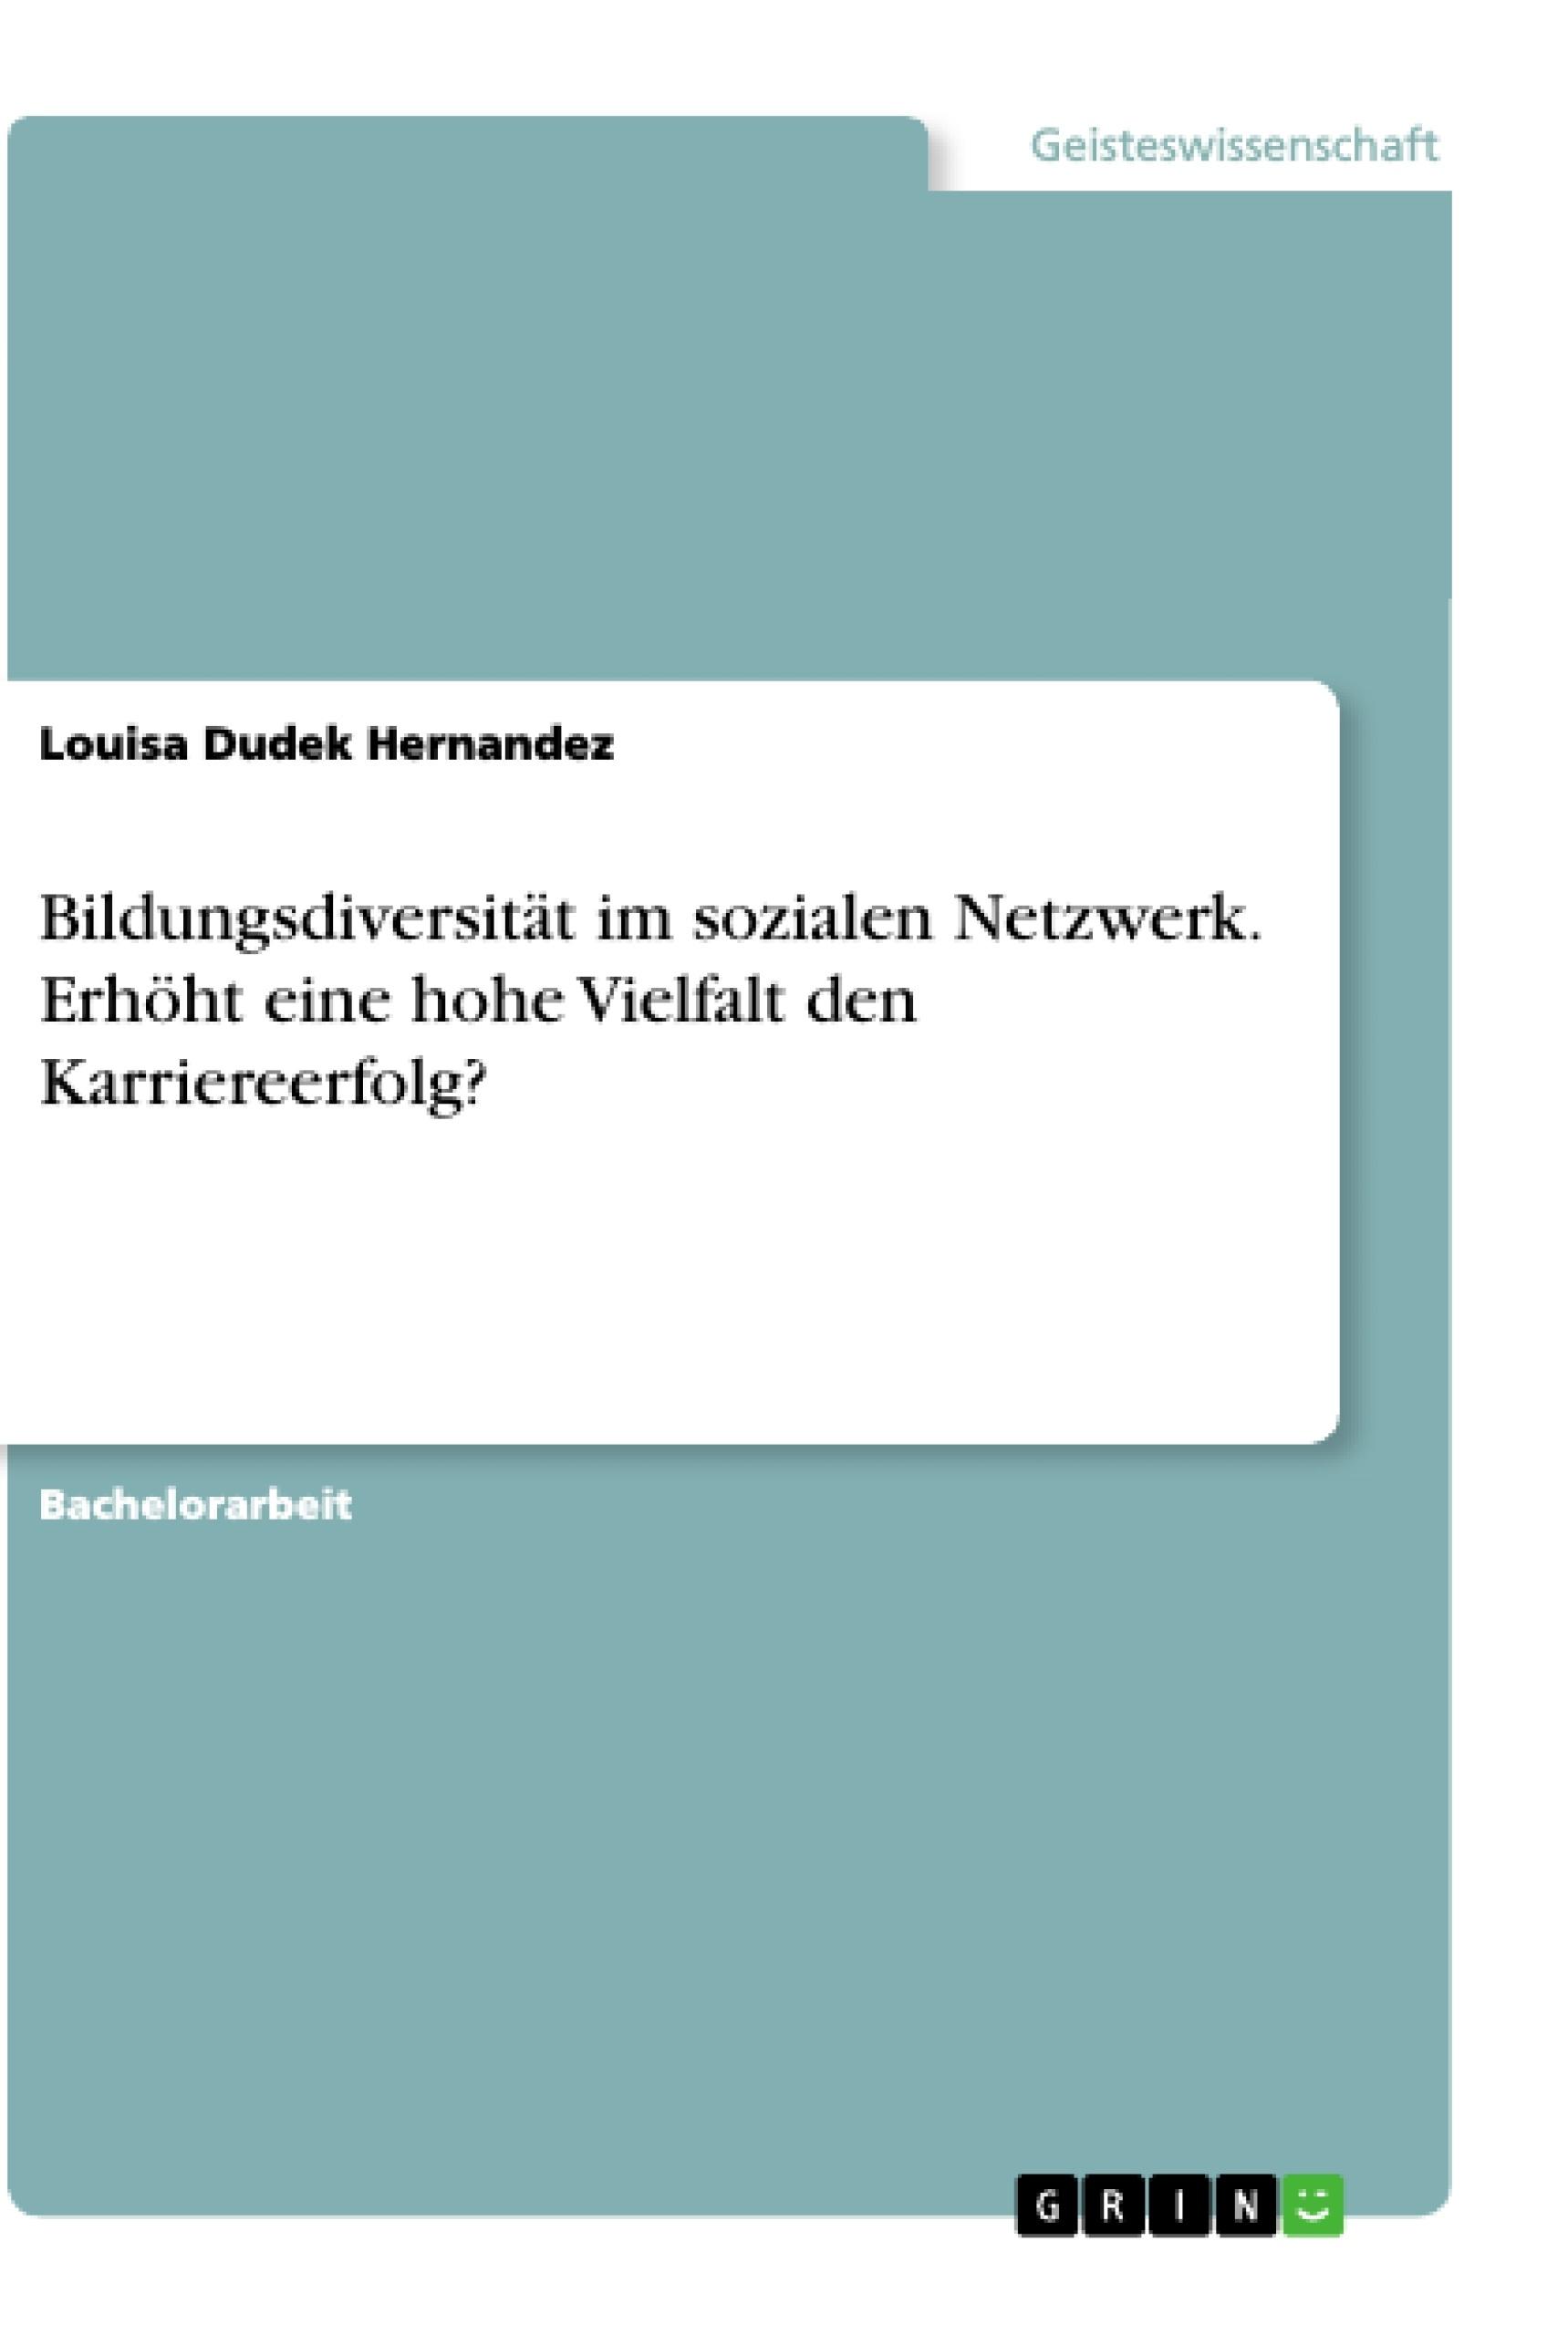 Titel: Bildungsdiversität im sozialen Netzwerk. Erhöht eine hohe Vielfalt den Karriereerfolg?